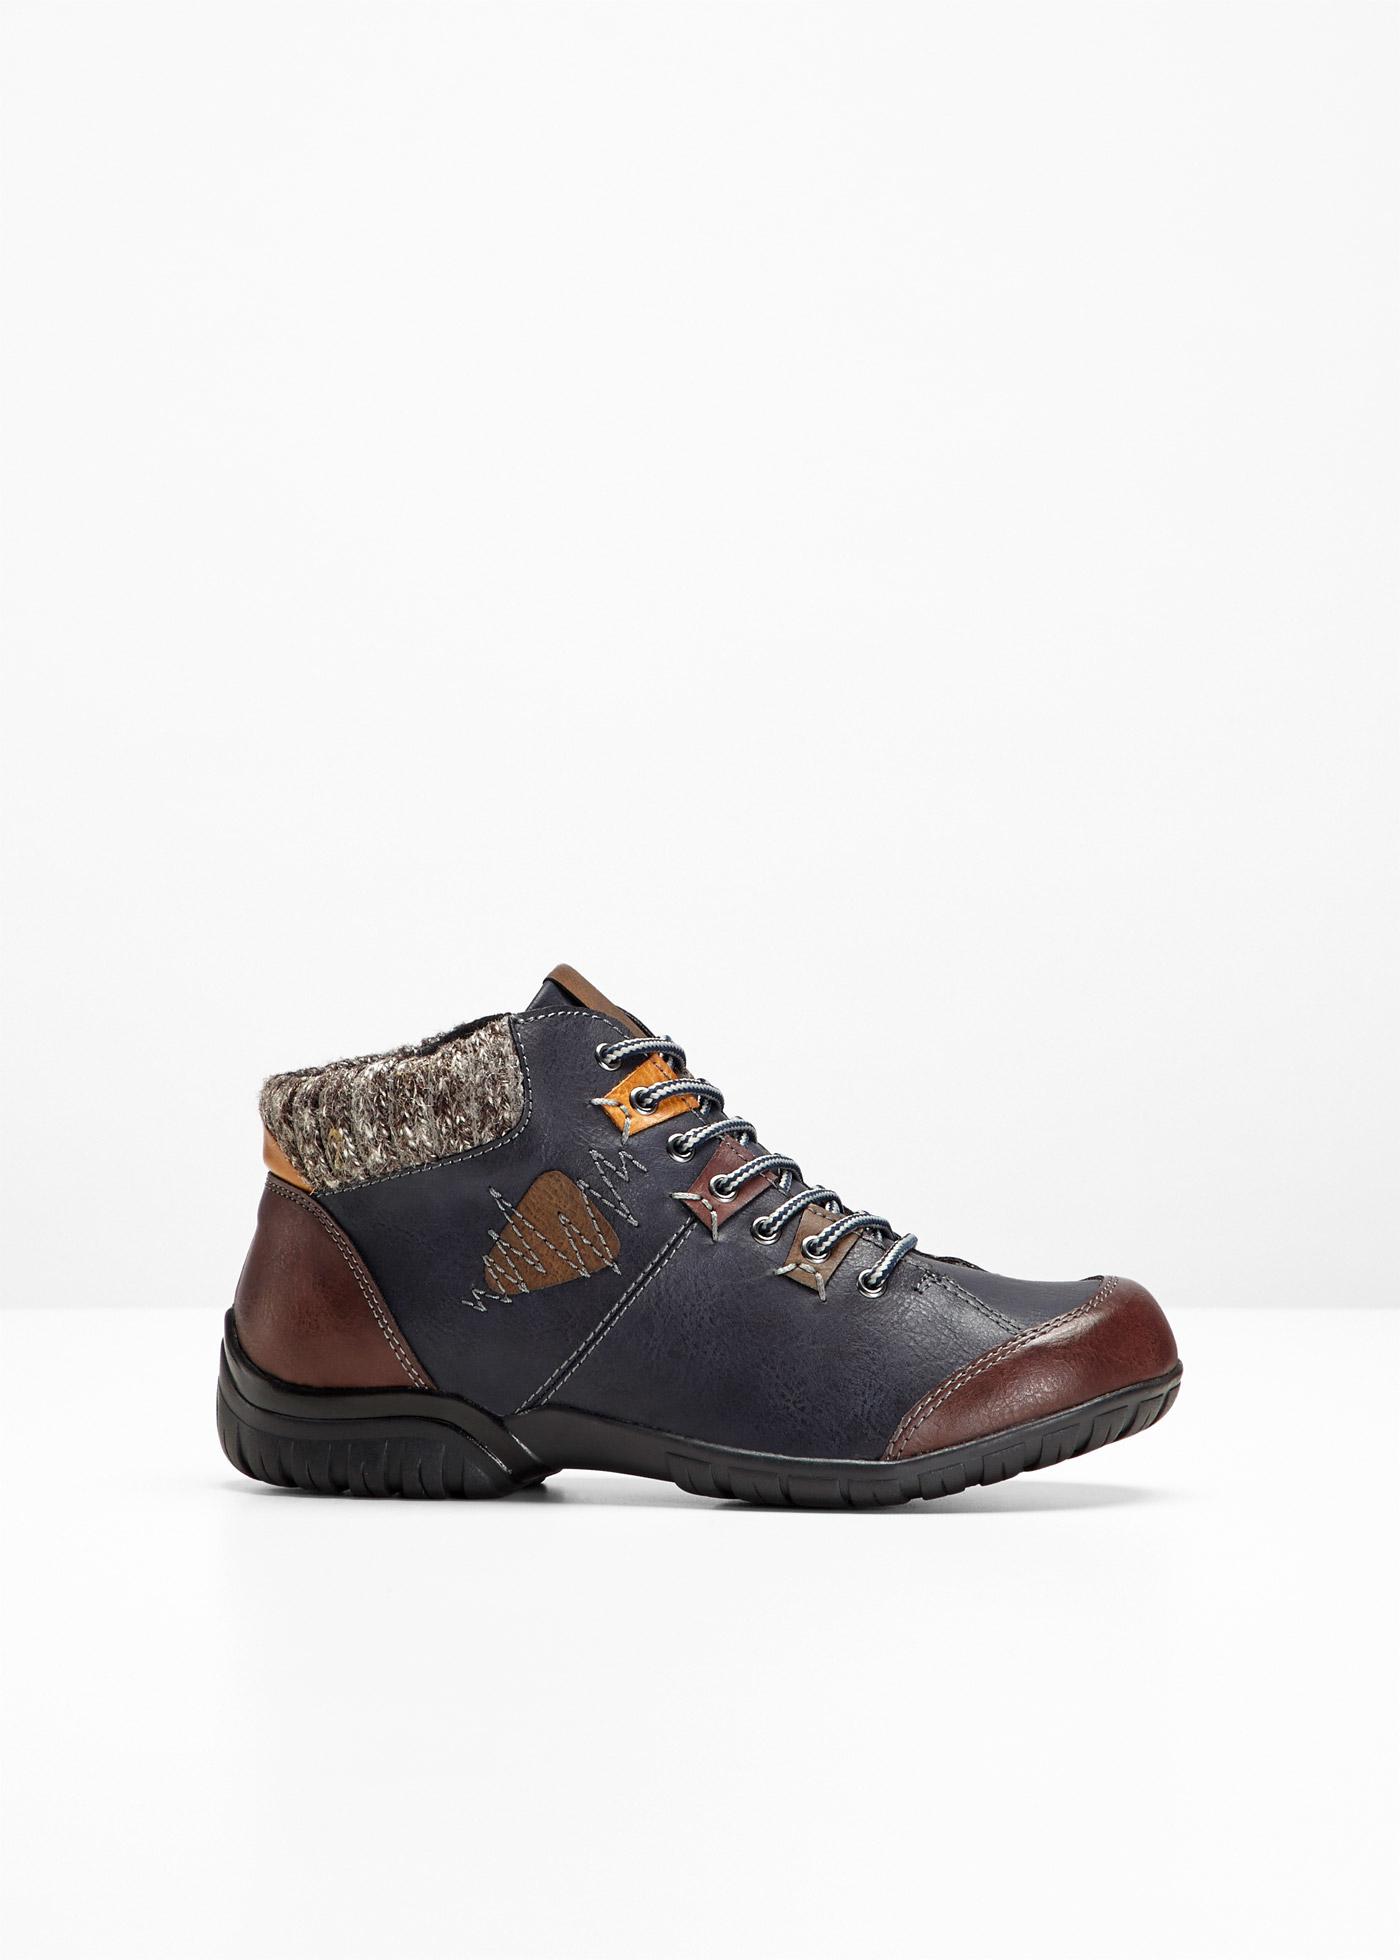 Boots confortables